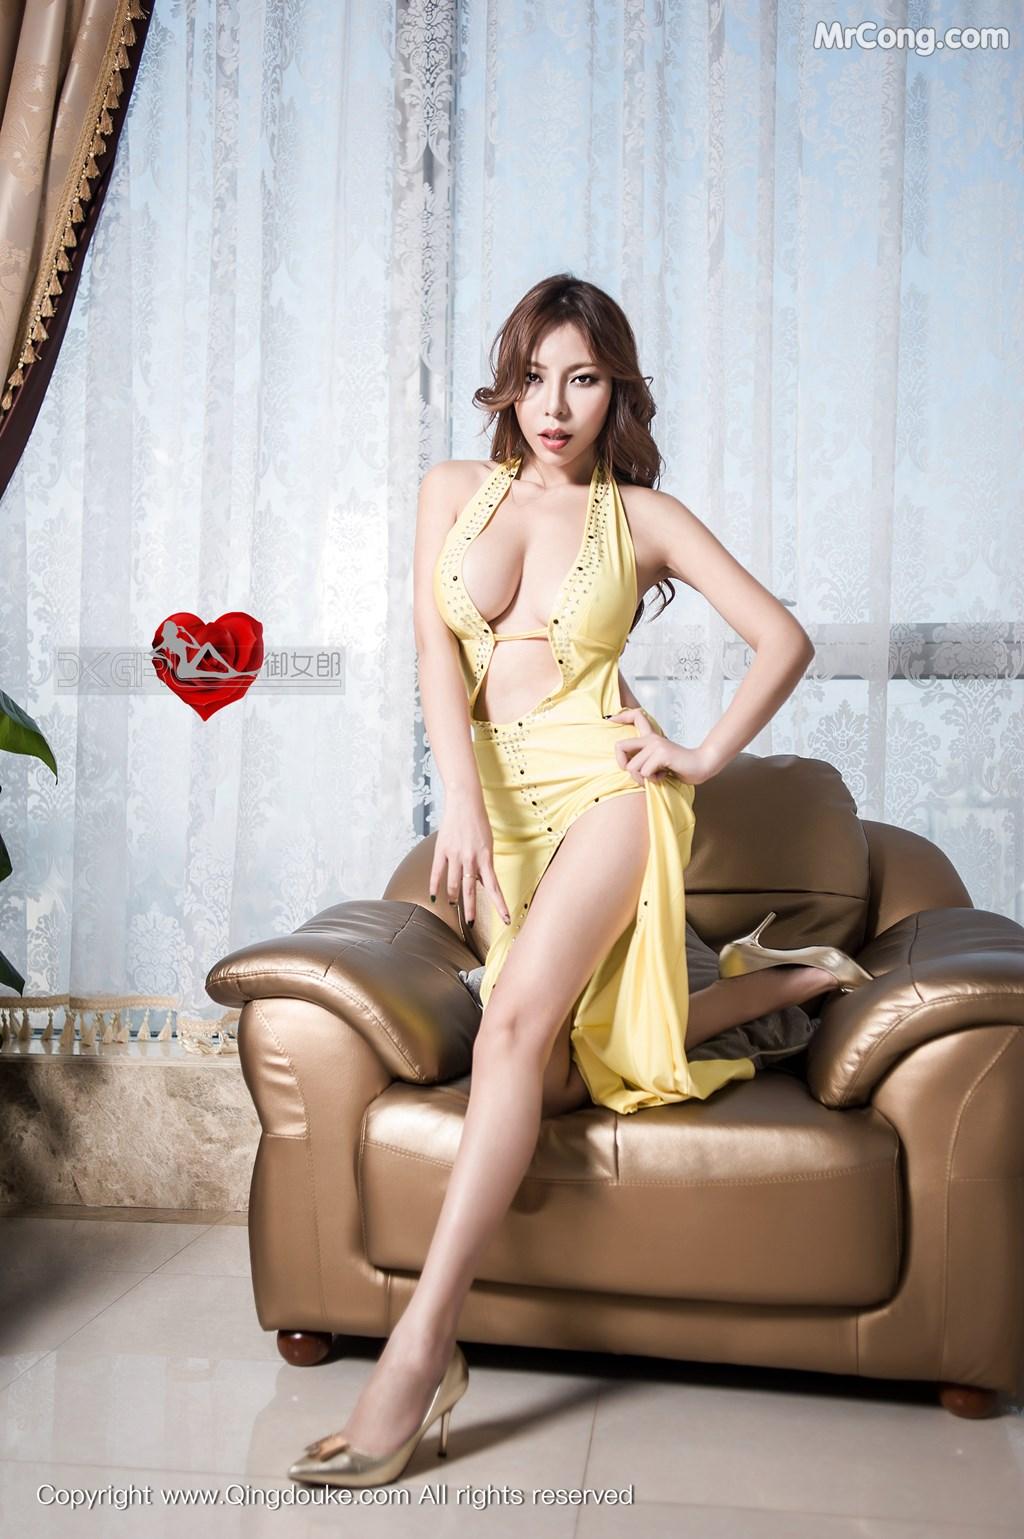 QingDouKe 2016-02-29: Người mẫu Elise (谭晓彤) (59 ảnh)